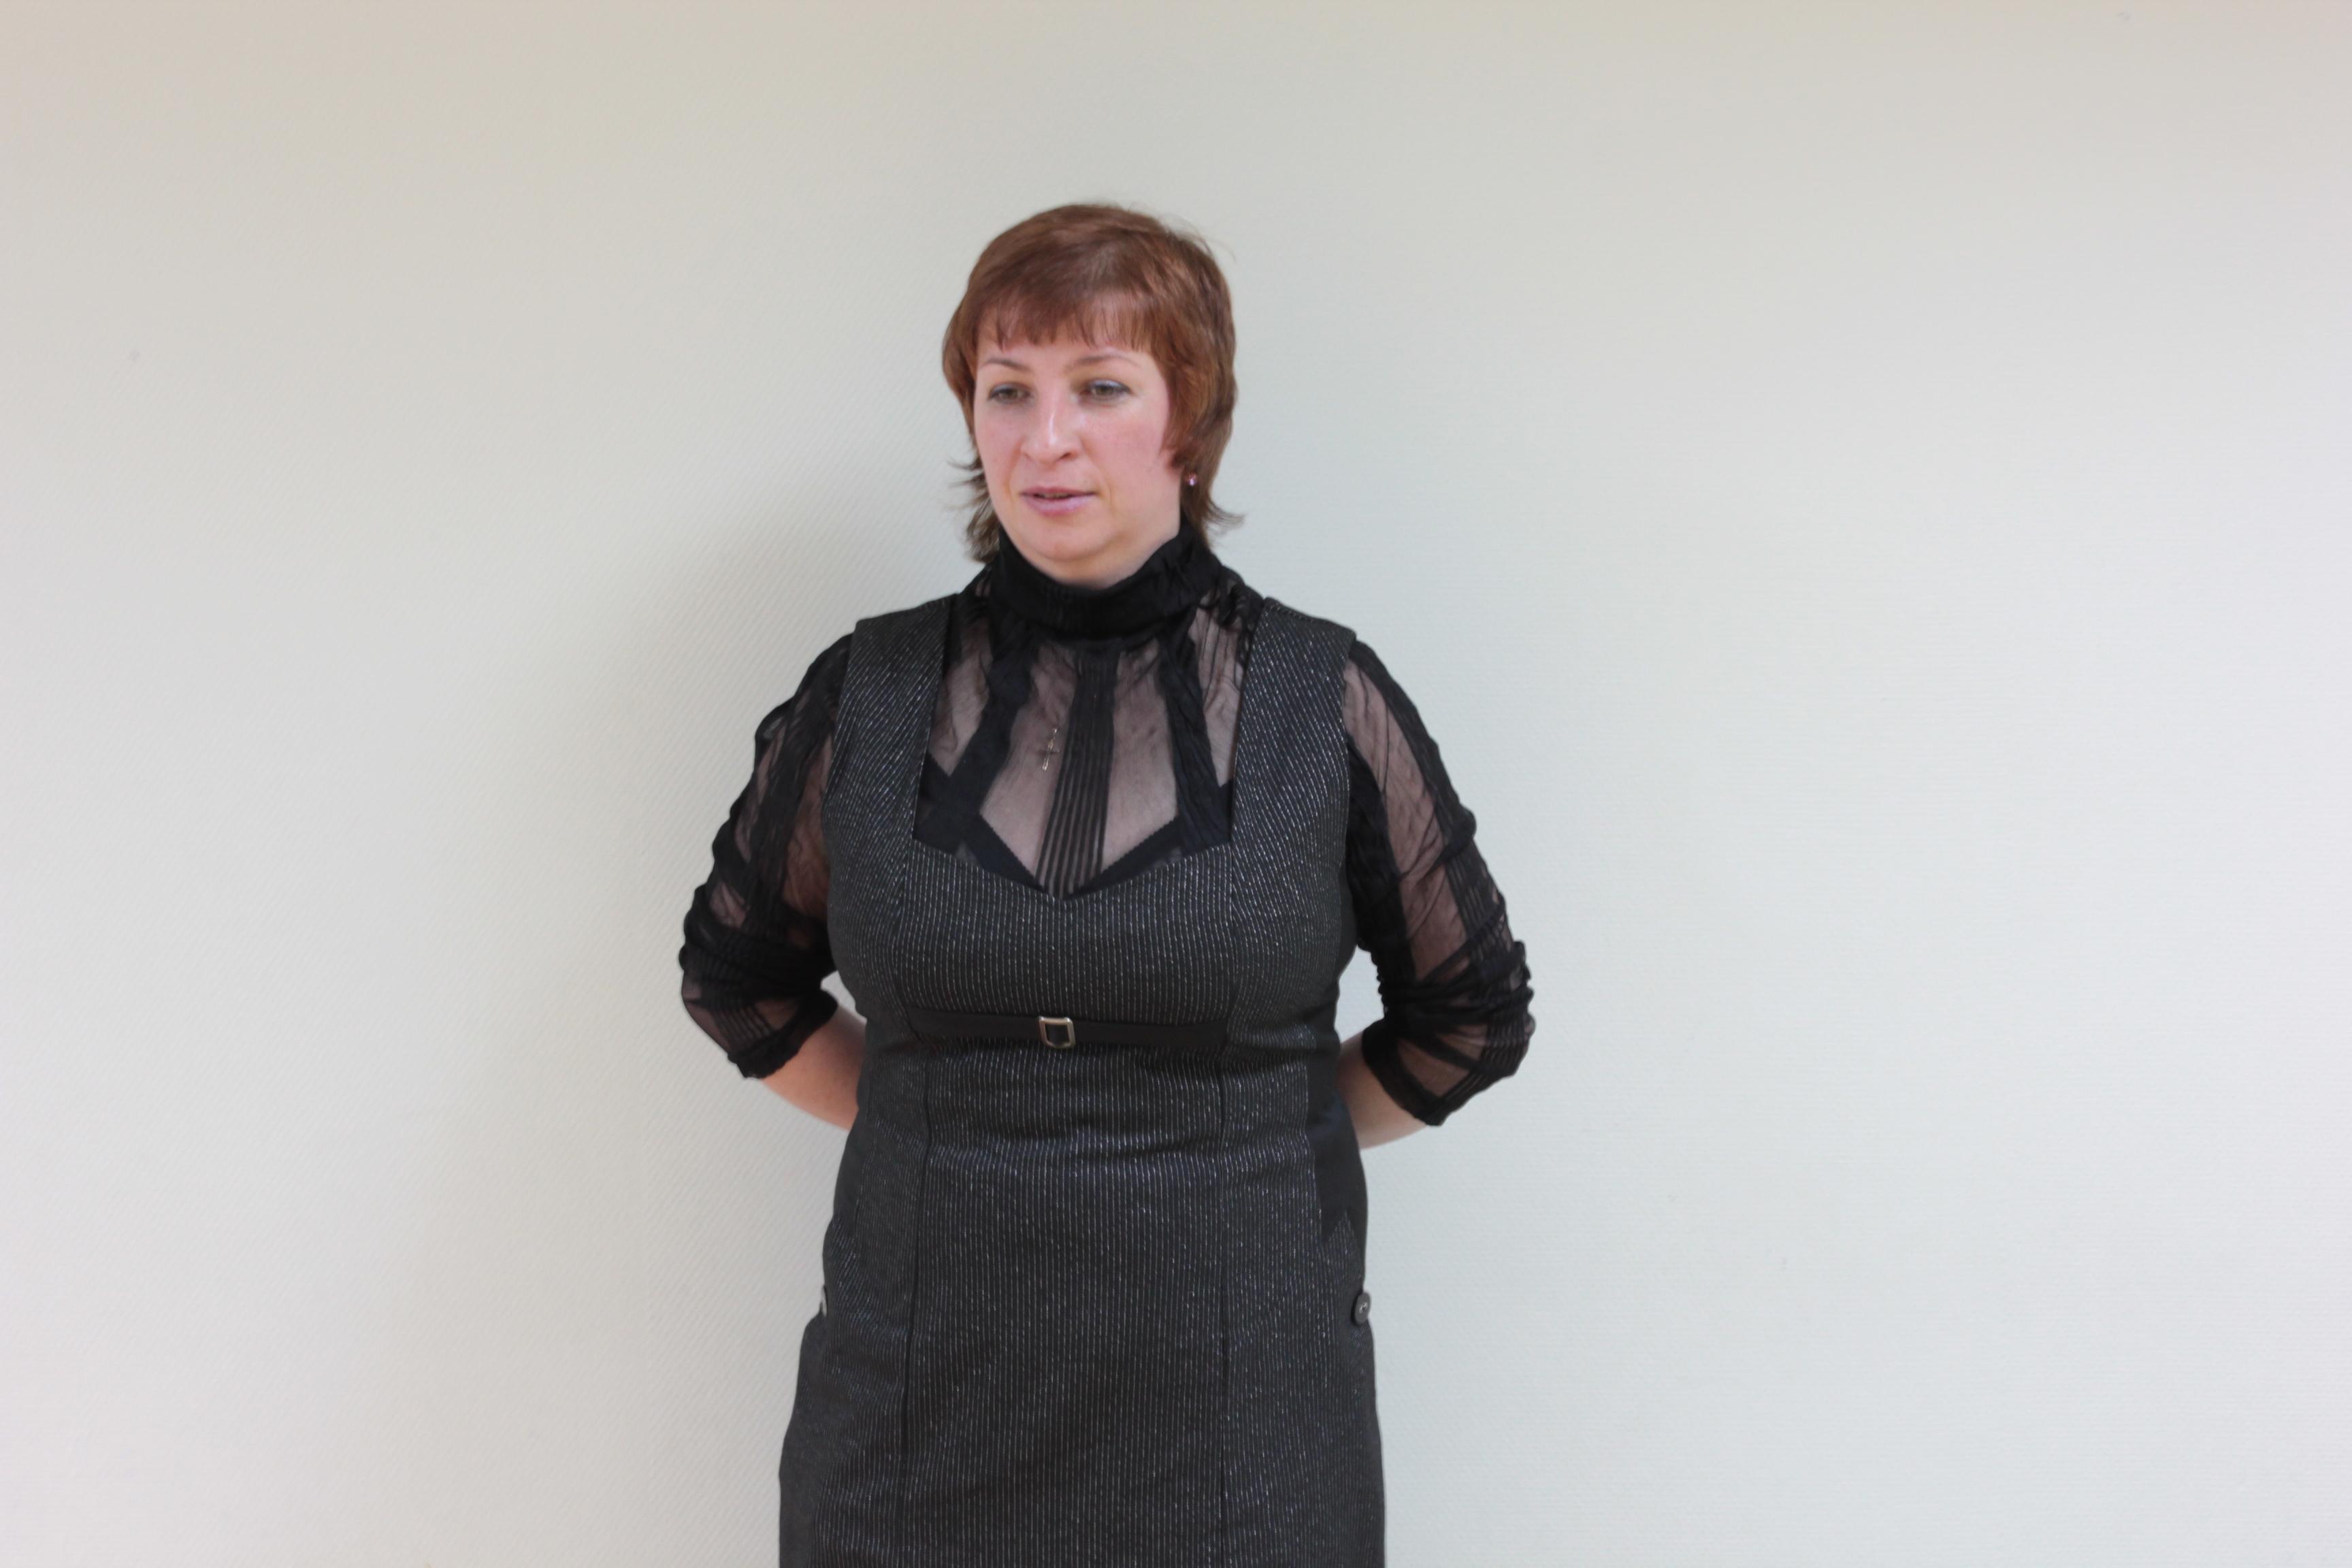 Ананьева Галина   Николаевна ( танцевальная терапия Шанс, игровая гимнастика)